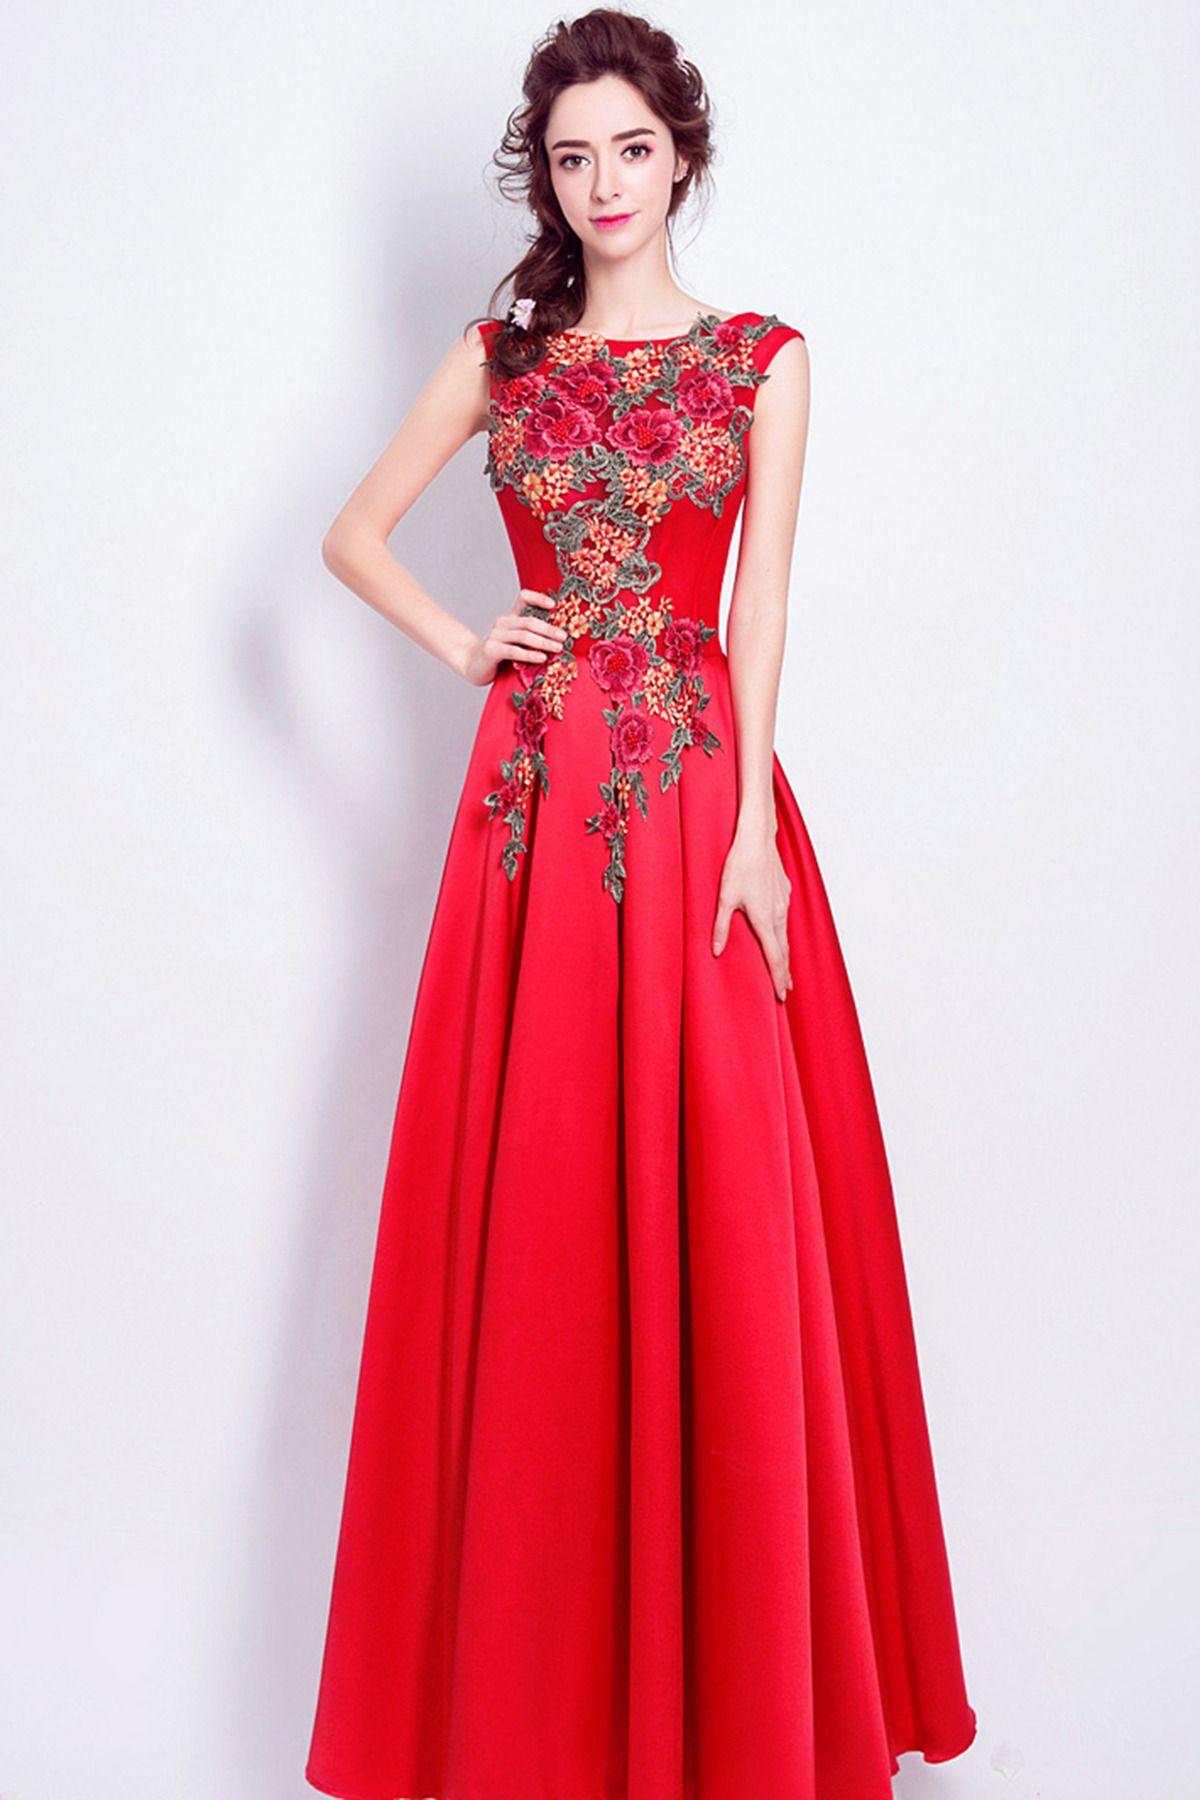 Beautiful red chiffon prom dress | Gowns | Pinterest | Red chiffon ...